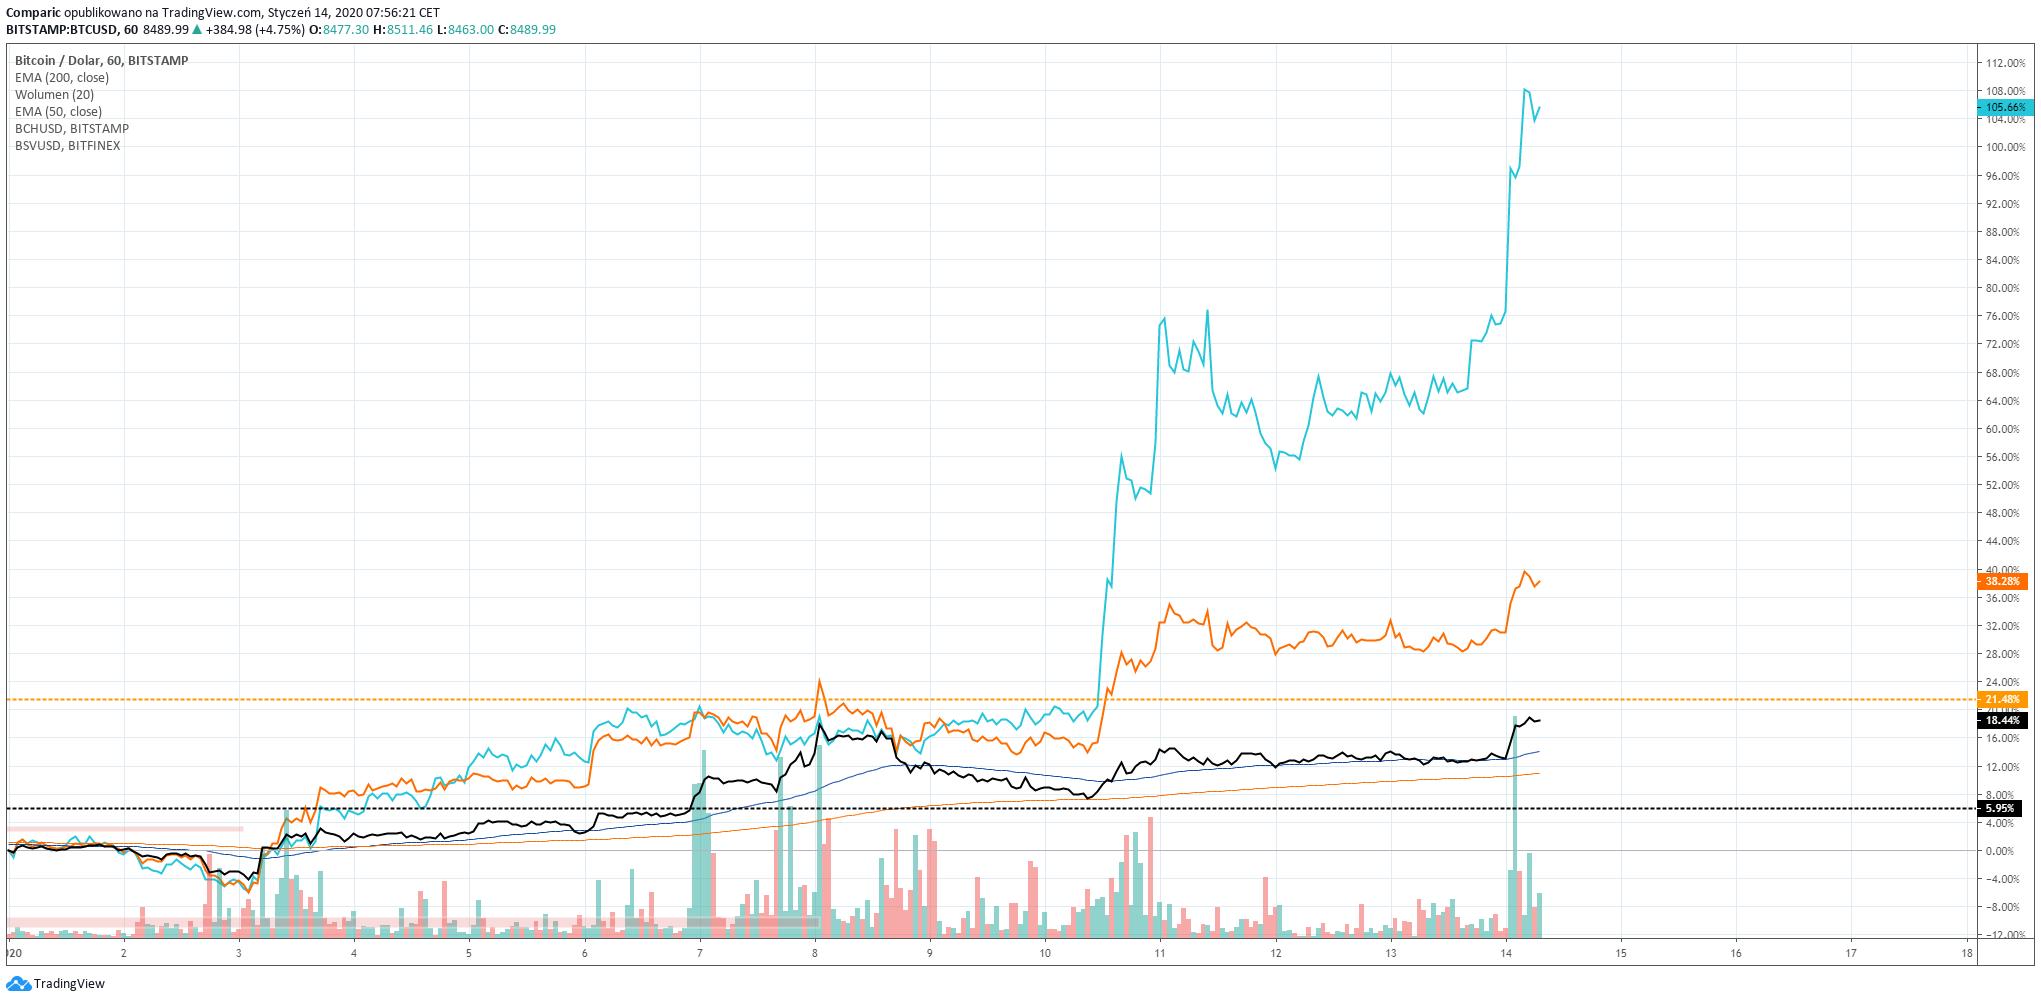 Bitcoin, Bitcoin SV oraz Bitcoin Cash – porównanie zmian cen od początku 2020 roku. Źródło: Tradingview.com